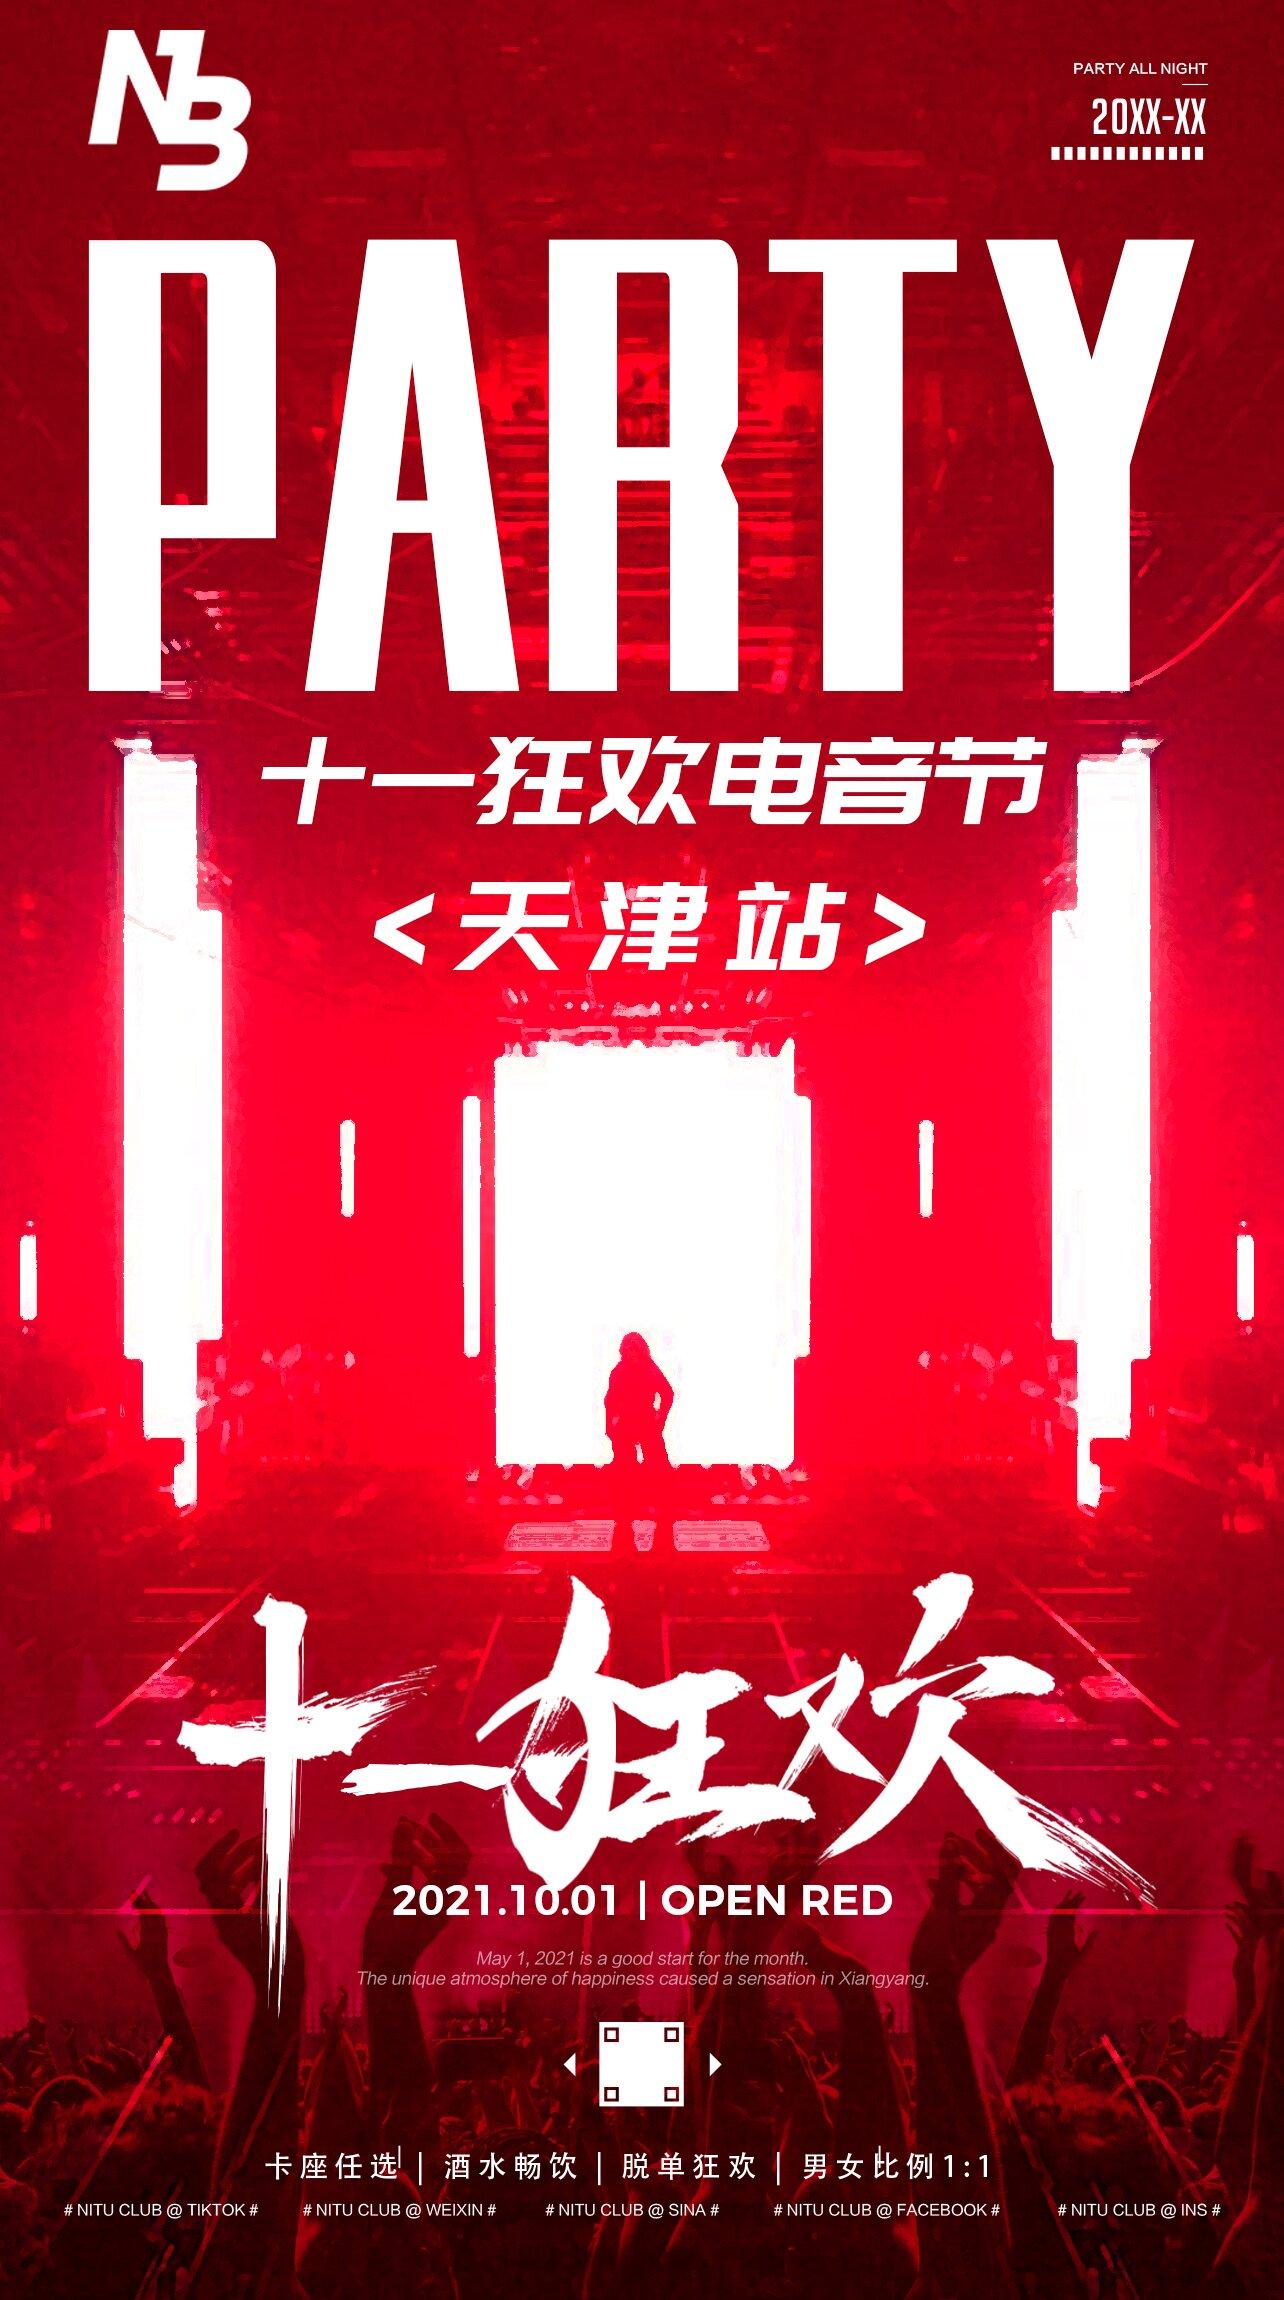 【天津】NewBlood 十一狂欢电音节  假期快乐天花板,一起燃翻全场!